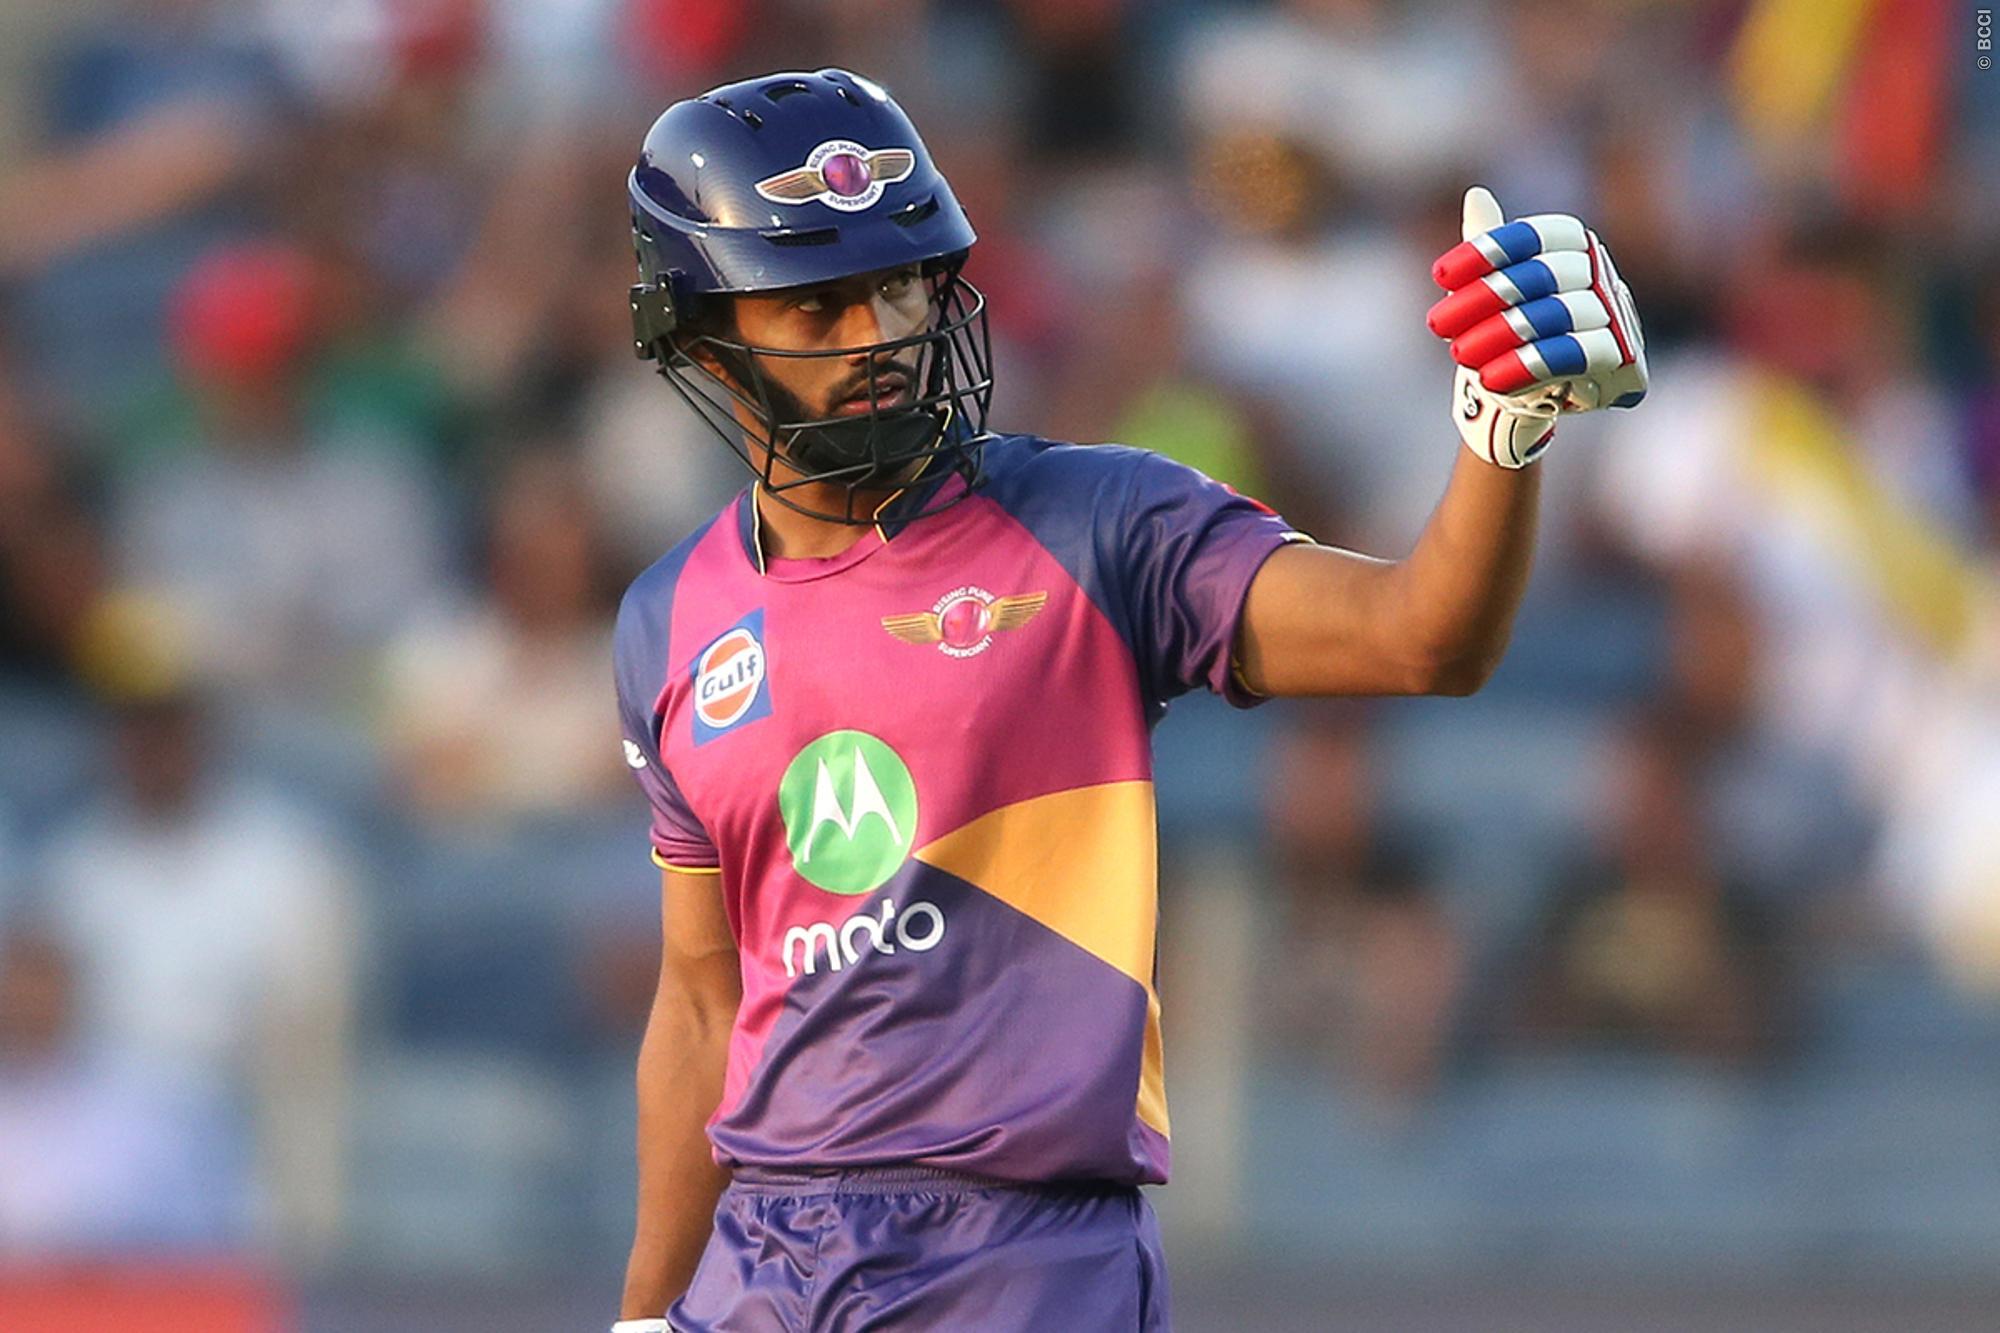 IPL 2018: आईपीएल के दसवें सीजन की सनसनी राहुल त्रिपाठी ने खोला राज, इस वजह से वो कर पाते हैं बल्लेबाजी 31